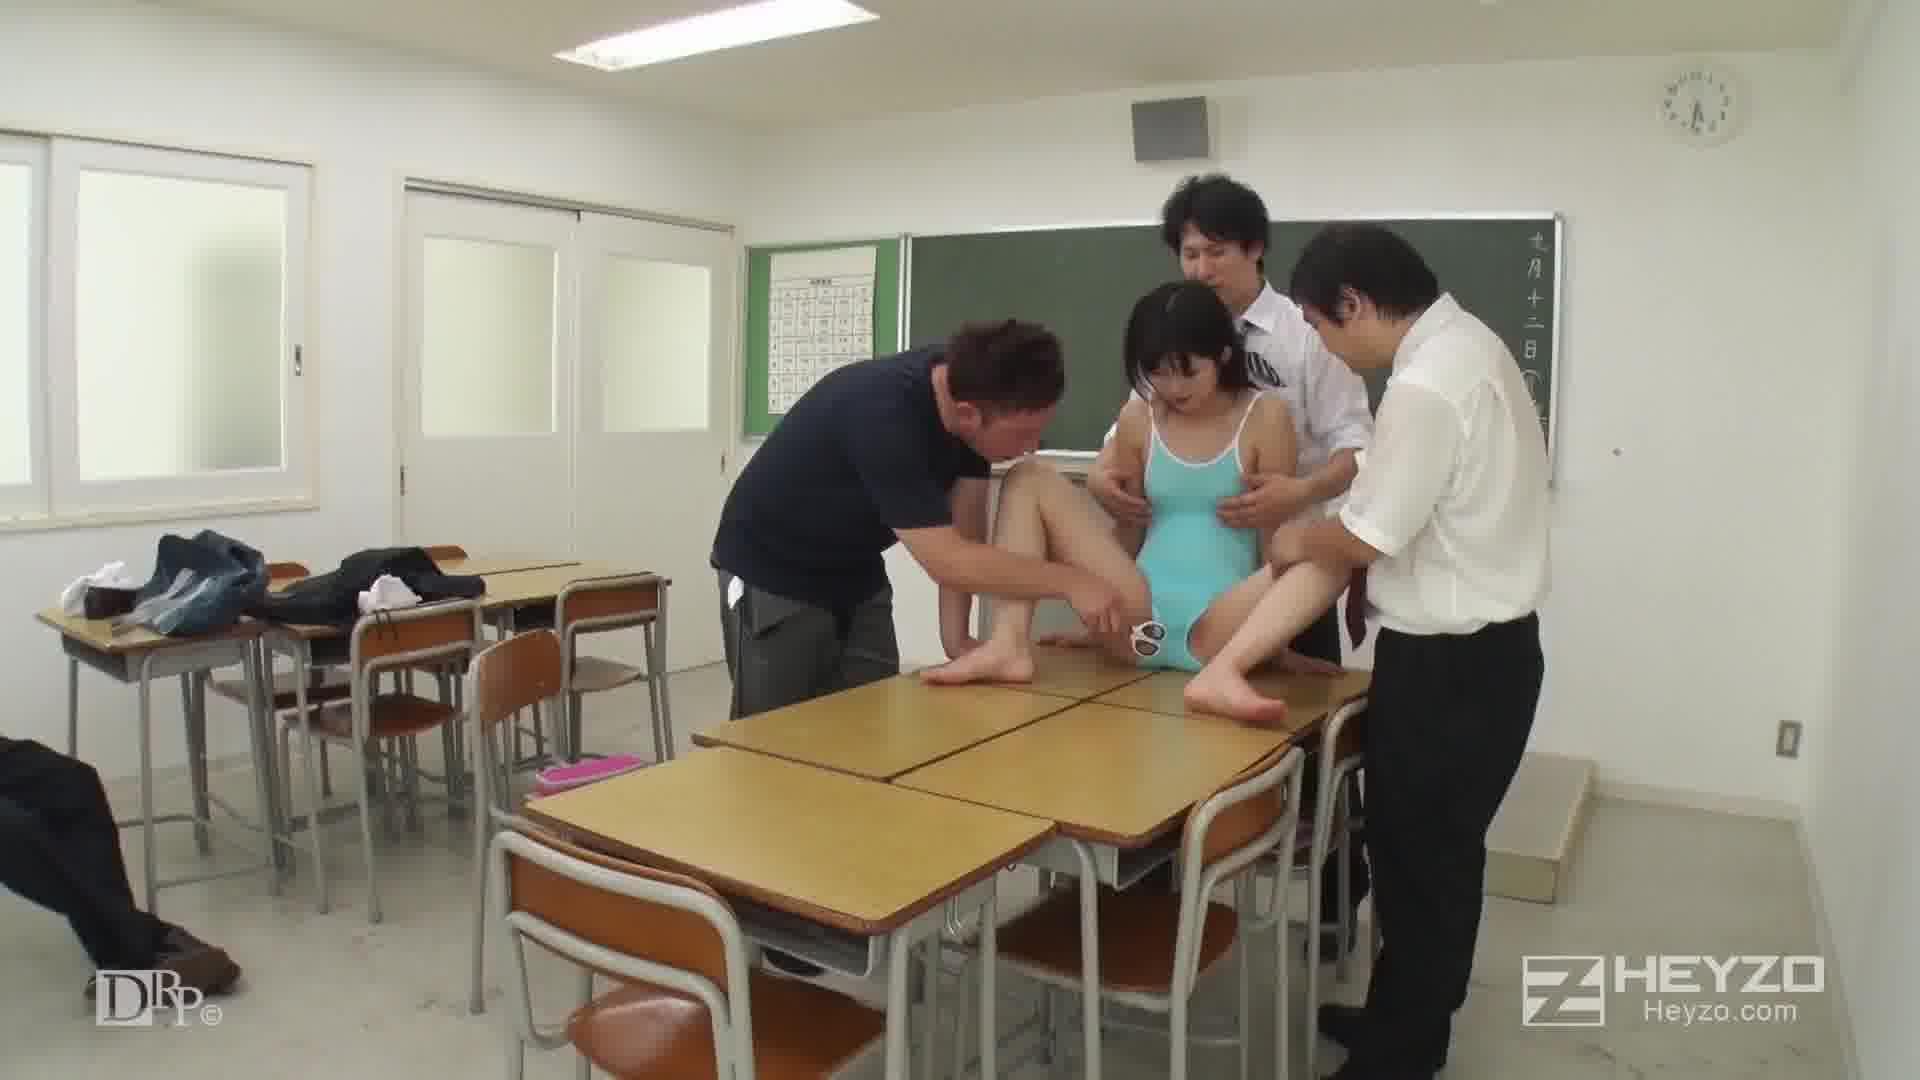 サマーヌード ~放課後の教室で...~ - 琴吹まりあ【乱交・制服・中出し】